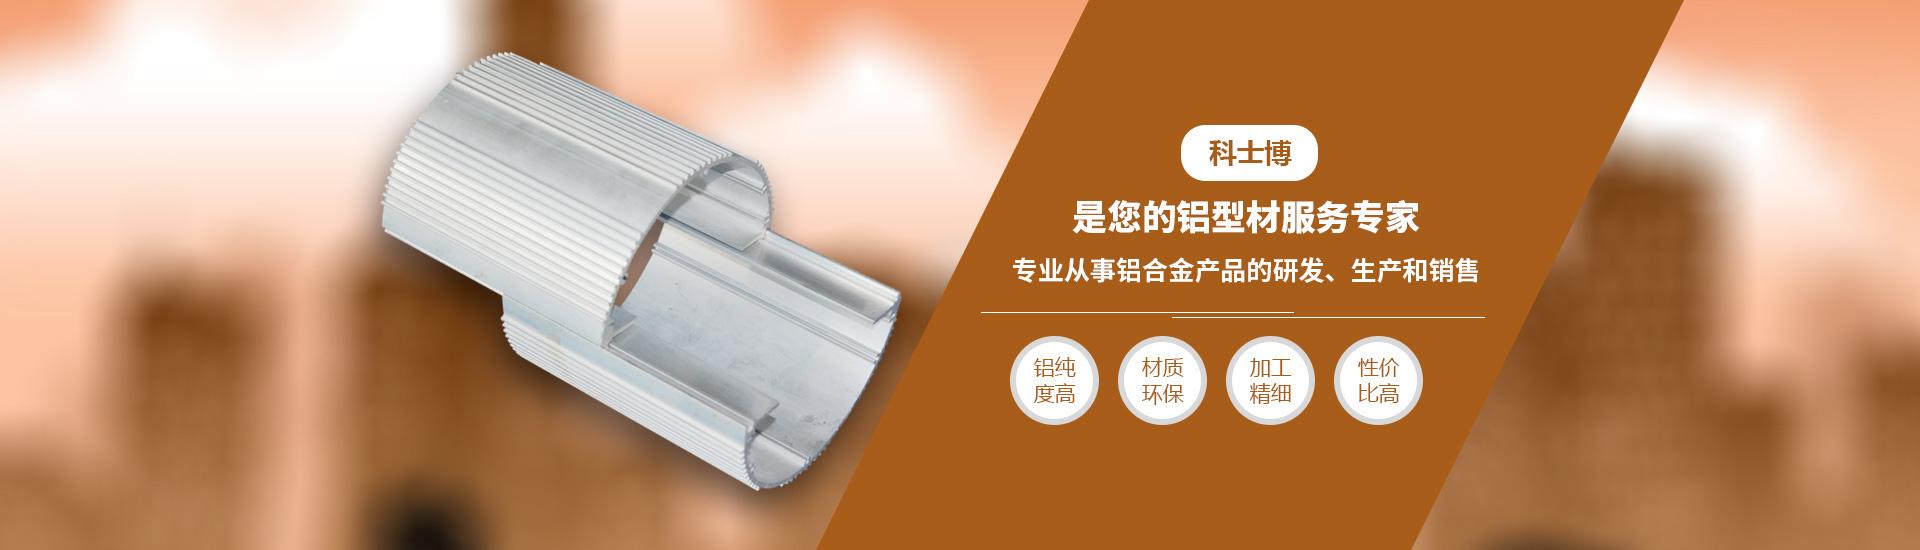 铝型材挤压